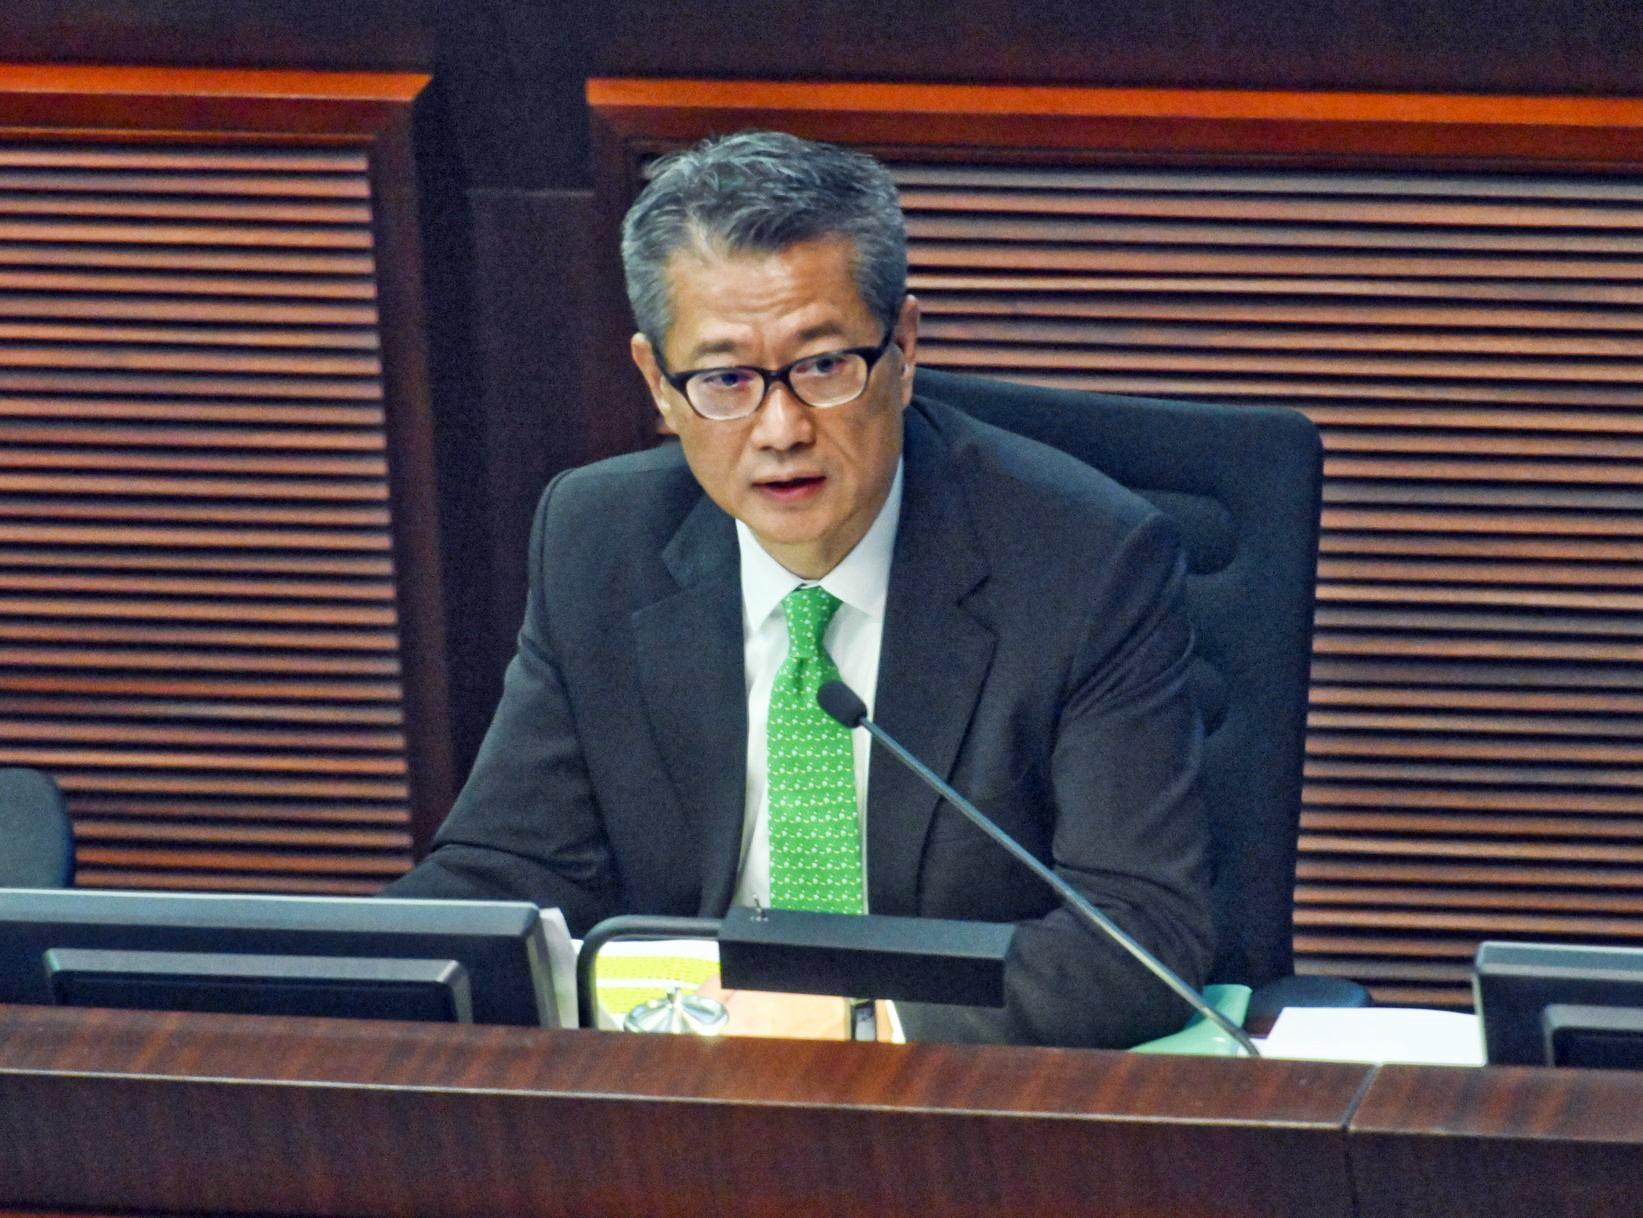 陈茂波表示,将在下年度向电影发展基金注资10亿元。资料图片